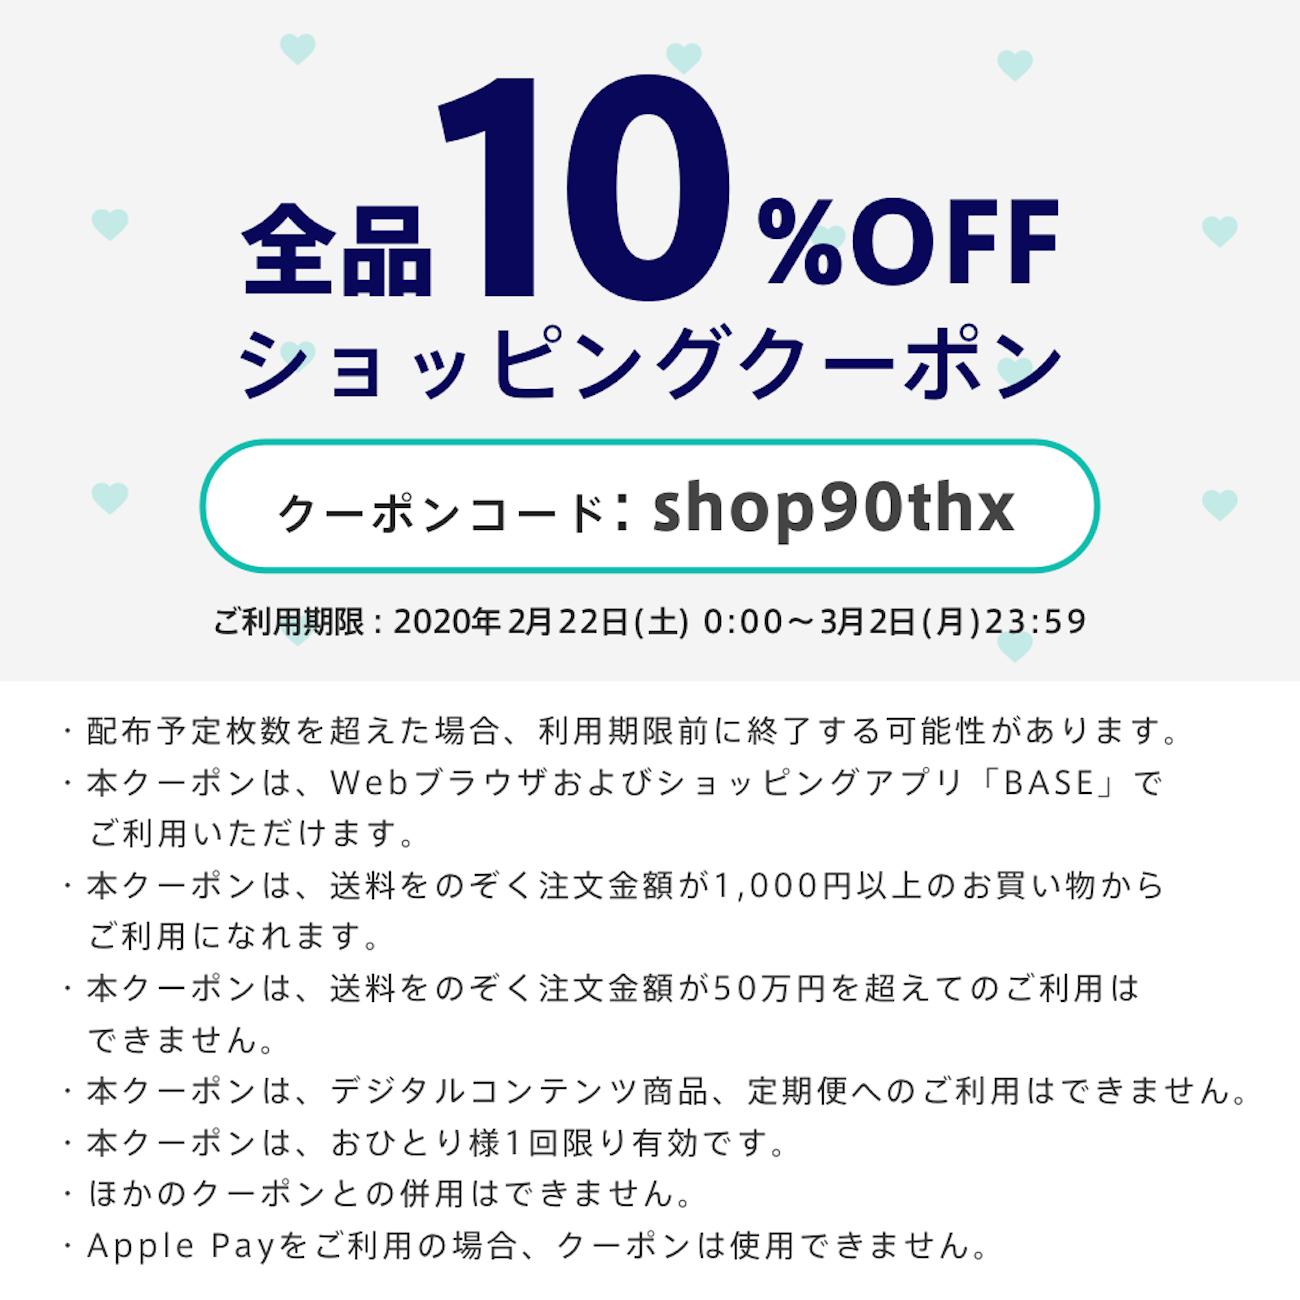 【BASE】ショップ開設数90万ショップ突破記念10%OFFクーポン配布中!